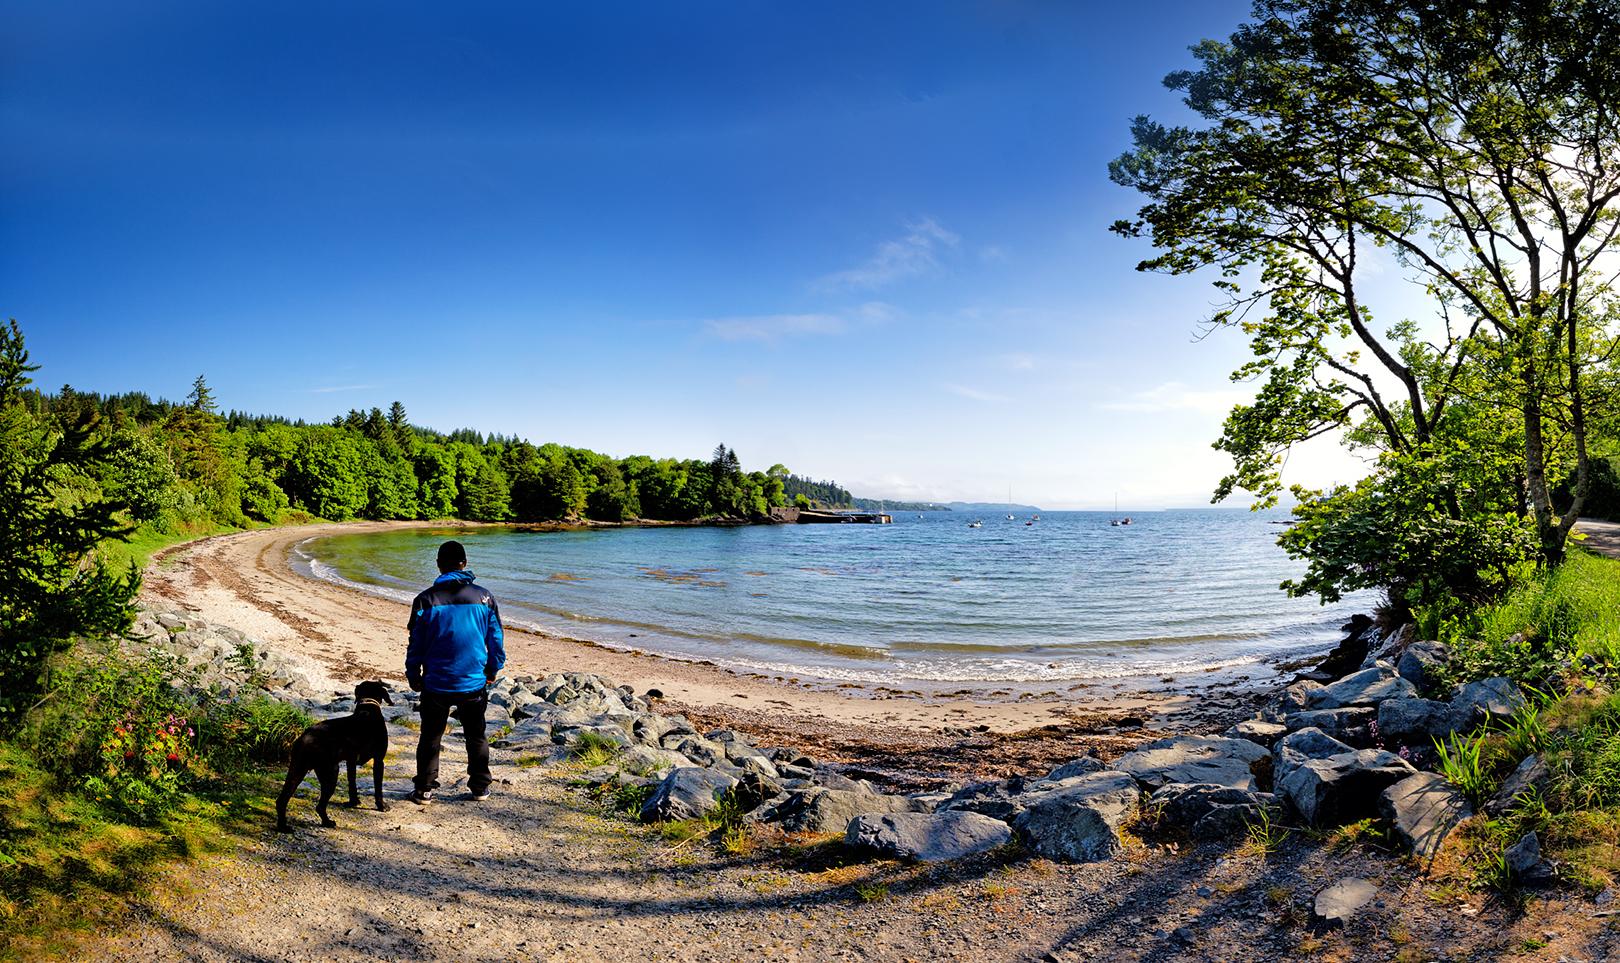 Isle of Skye_Wohnmobil_Schottland_Hund_Erfahrung